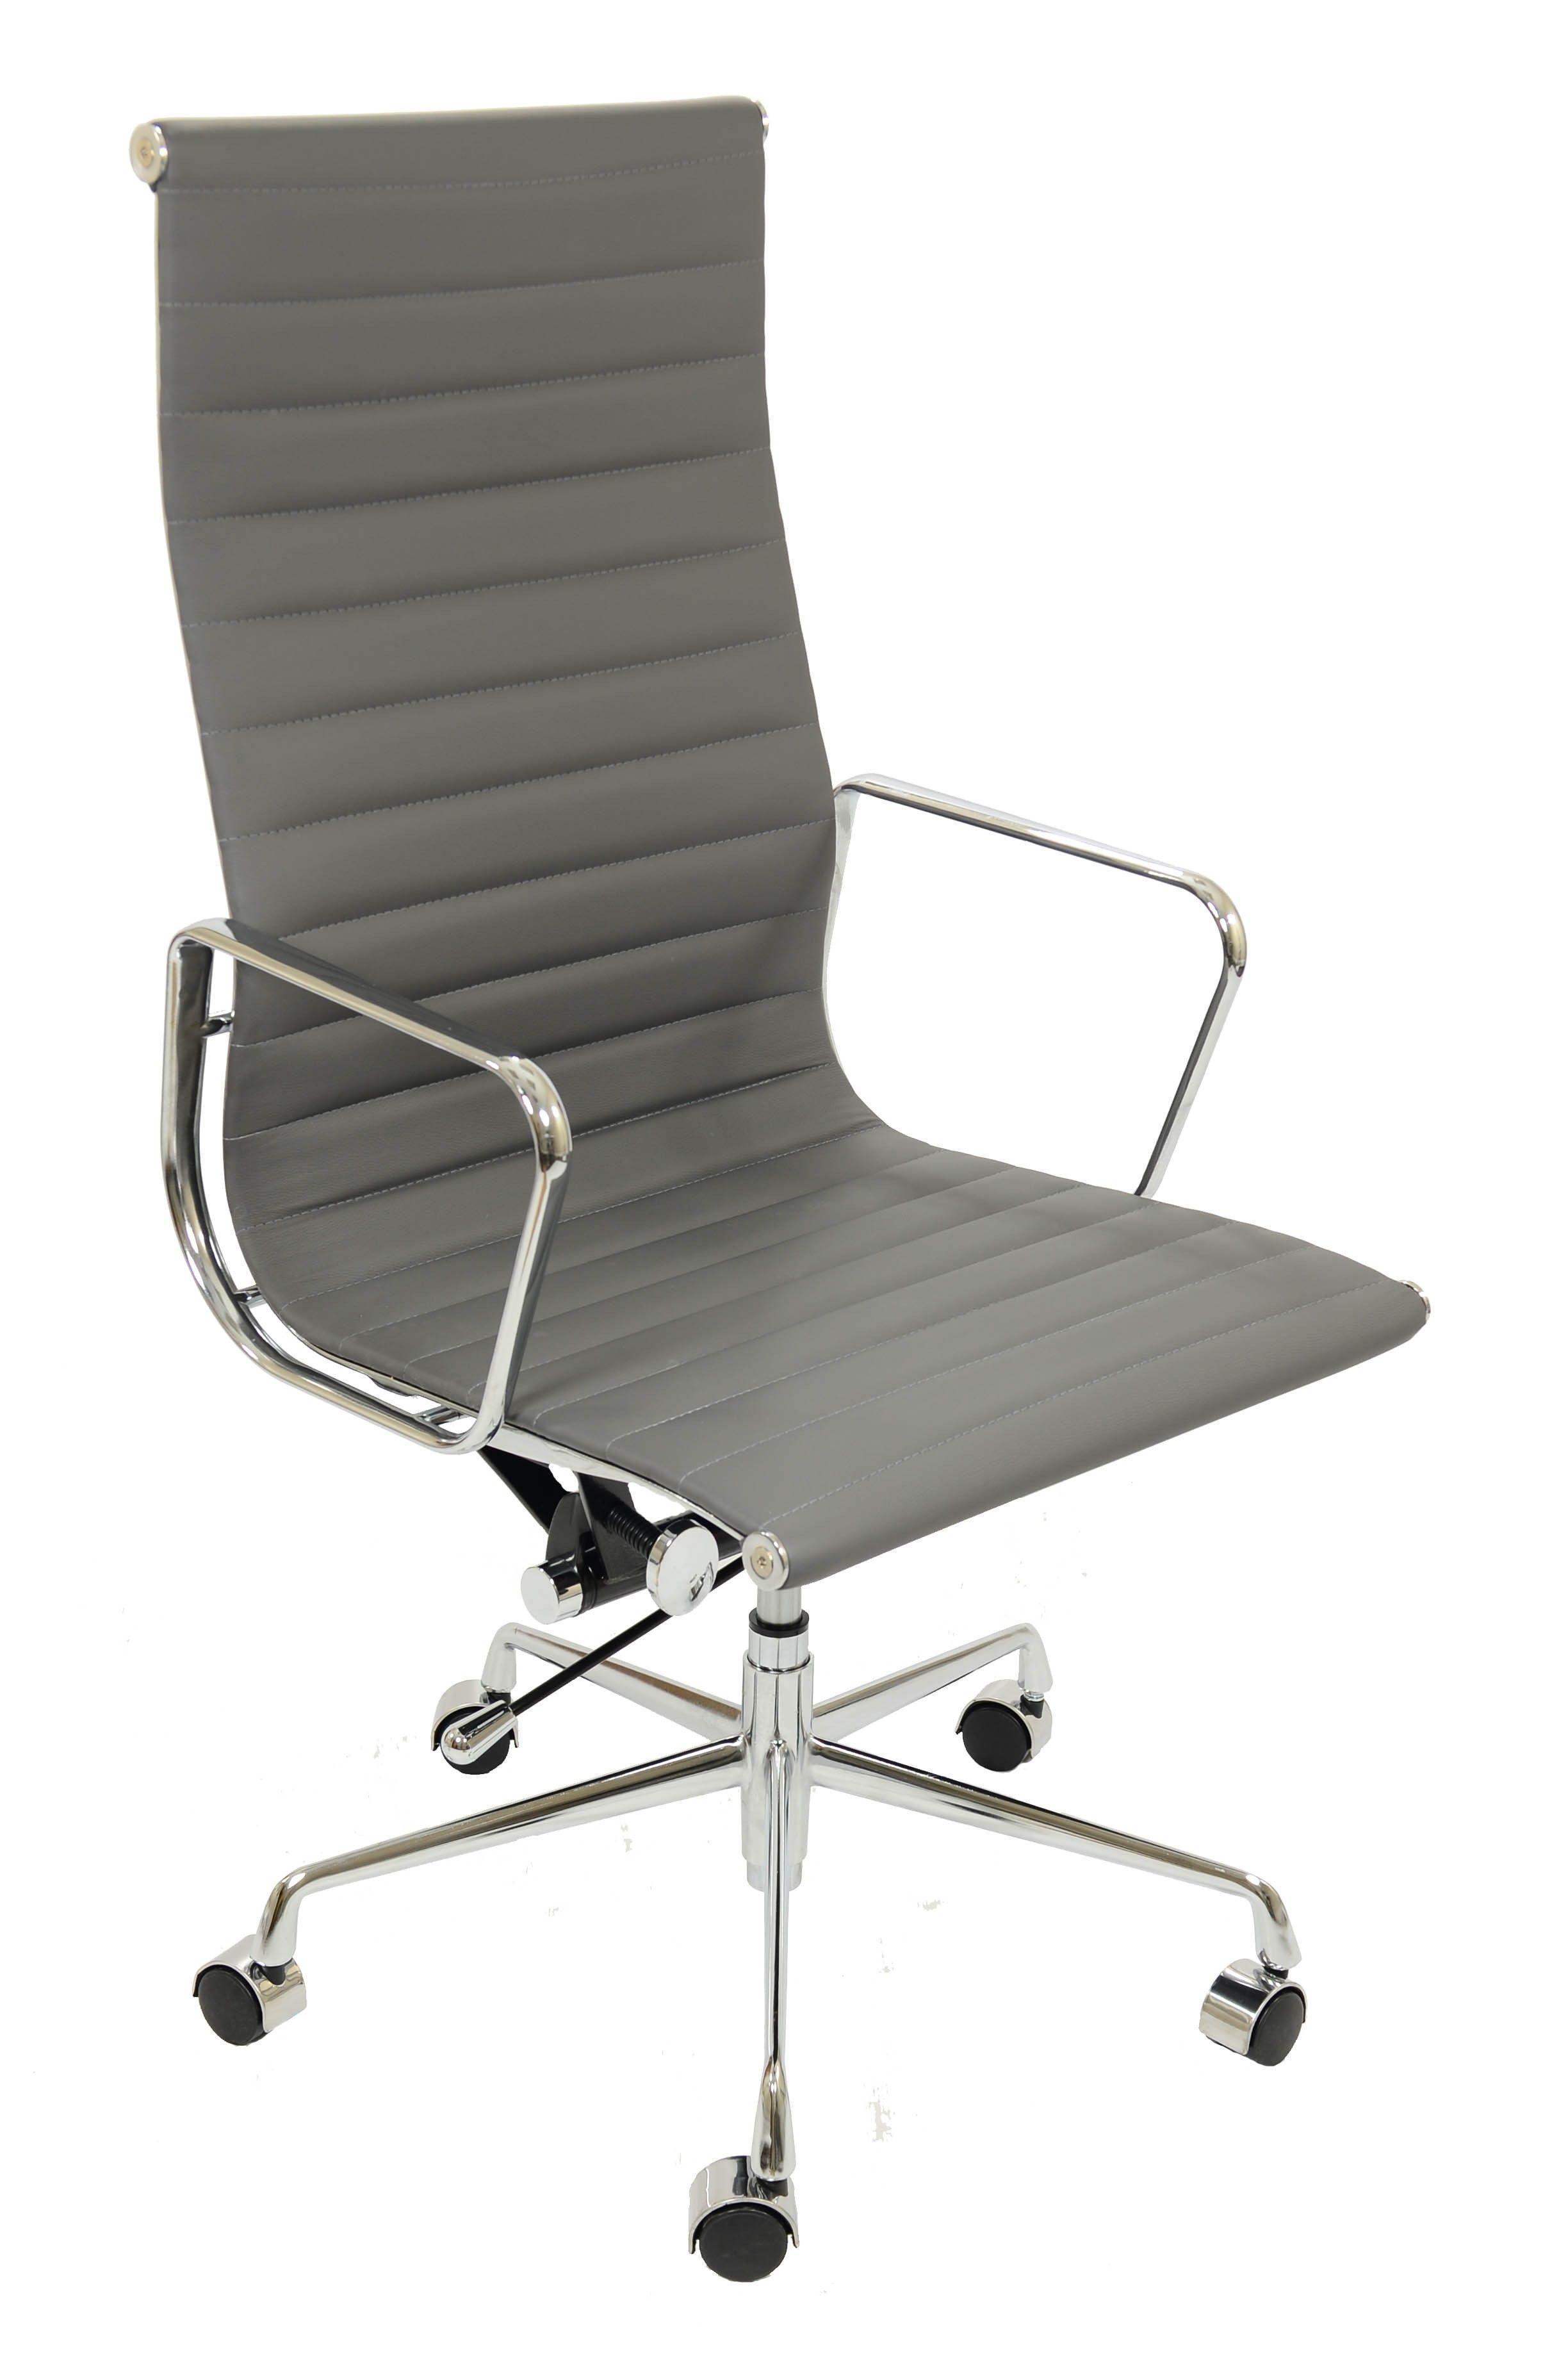 Chaise De Bureau Design Eames 119 Replique Copie Chaise De Bureau Design Bureau Design Chaise Bureau